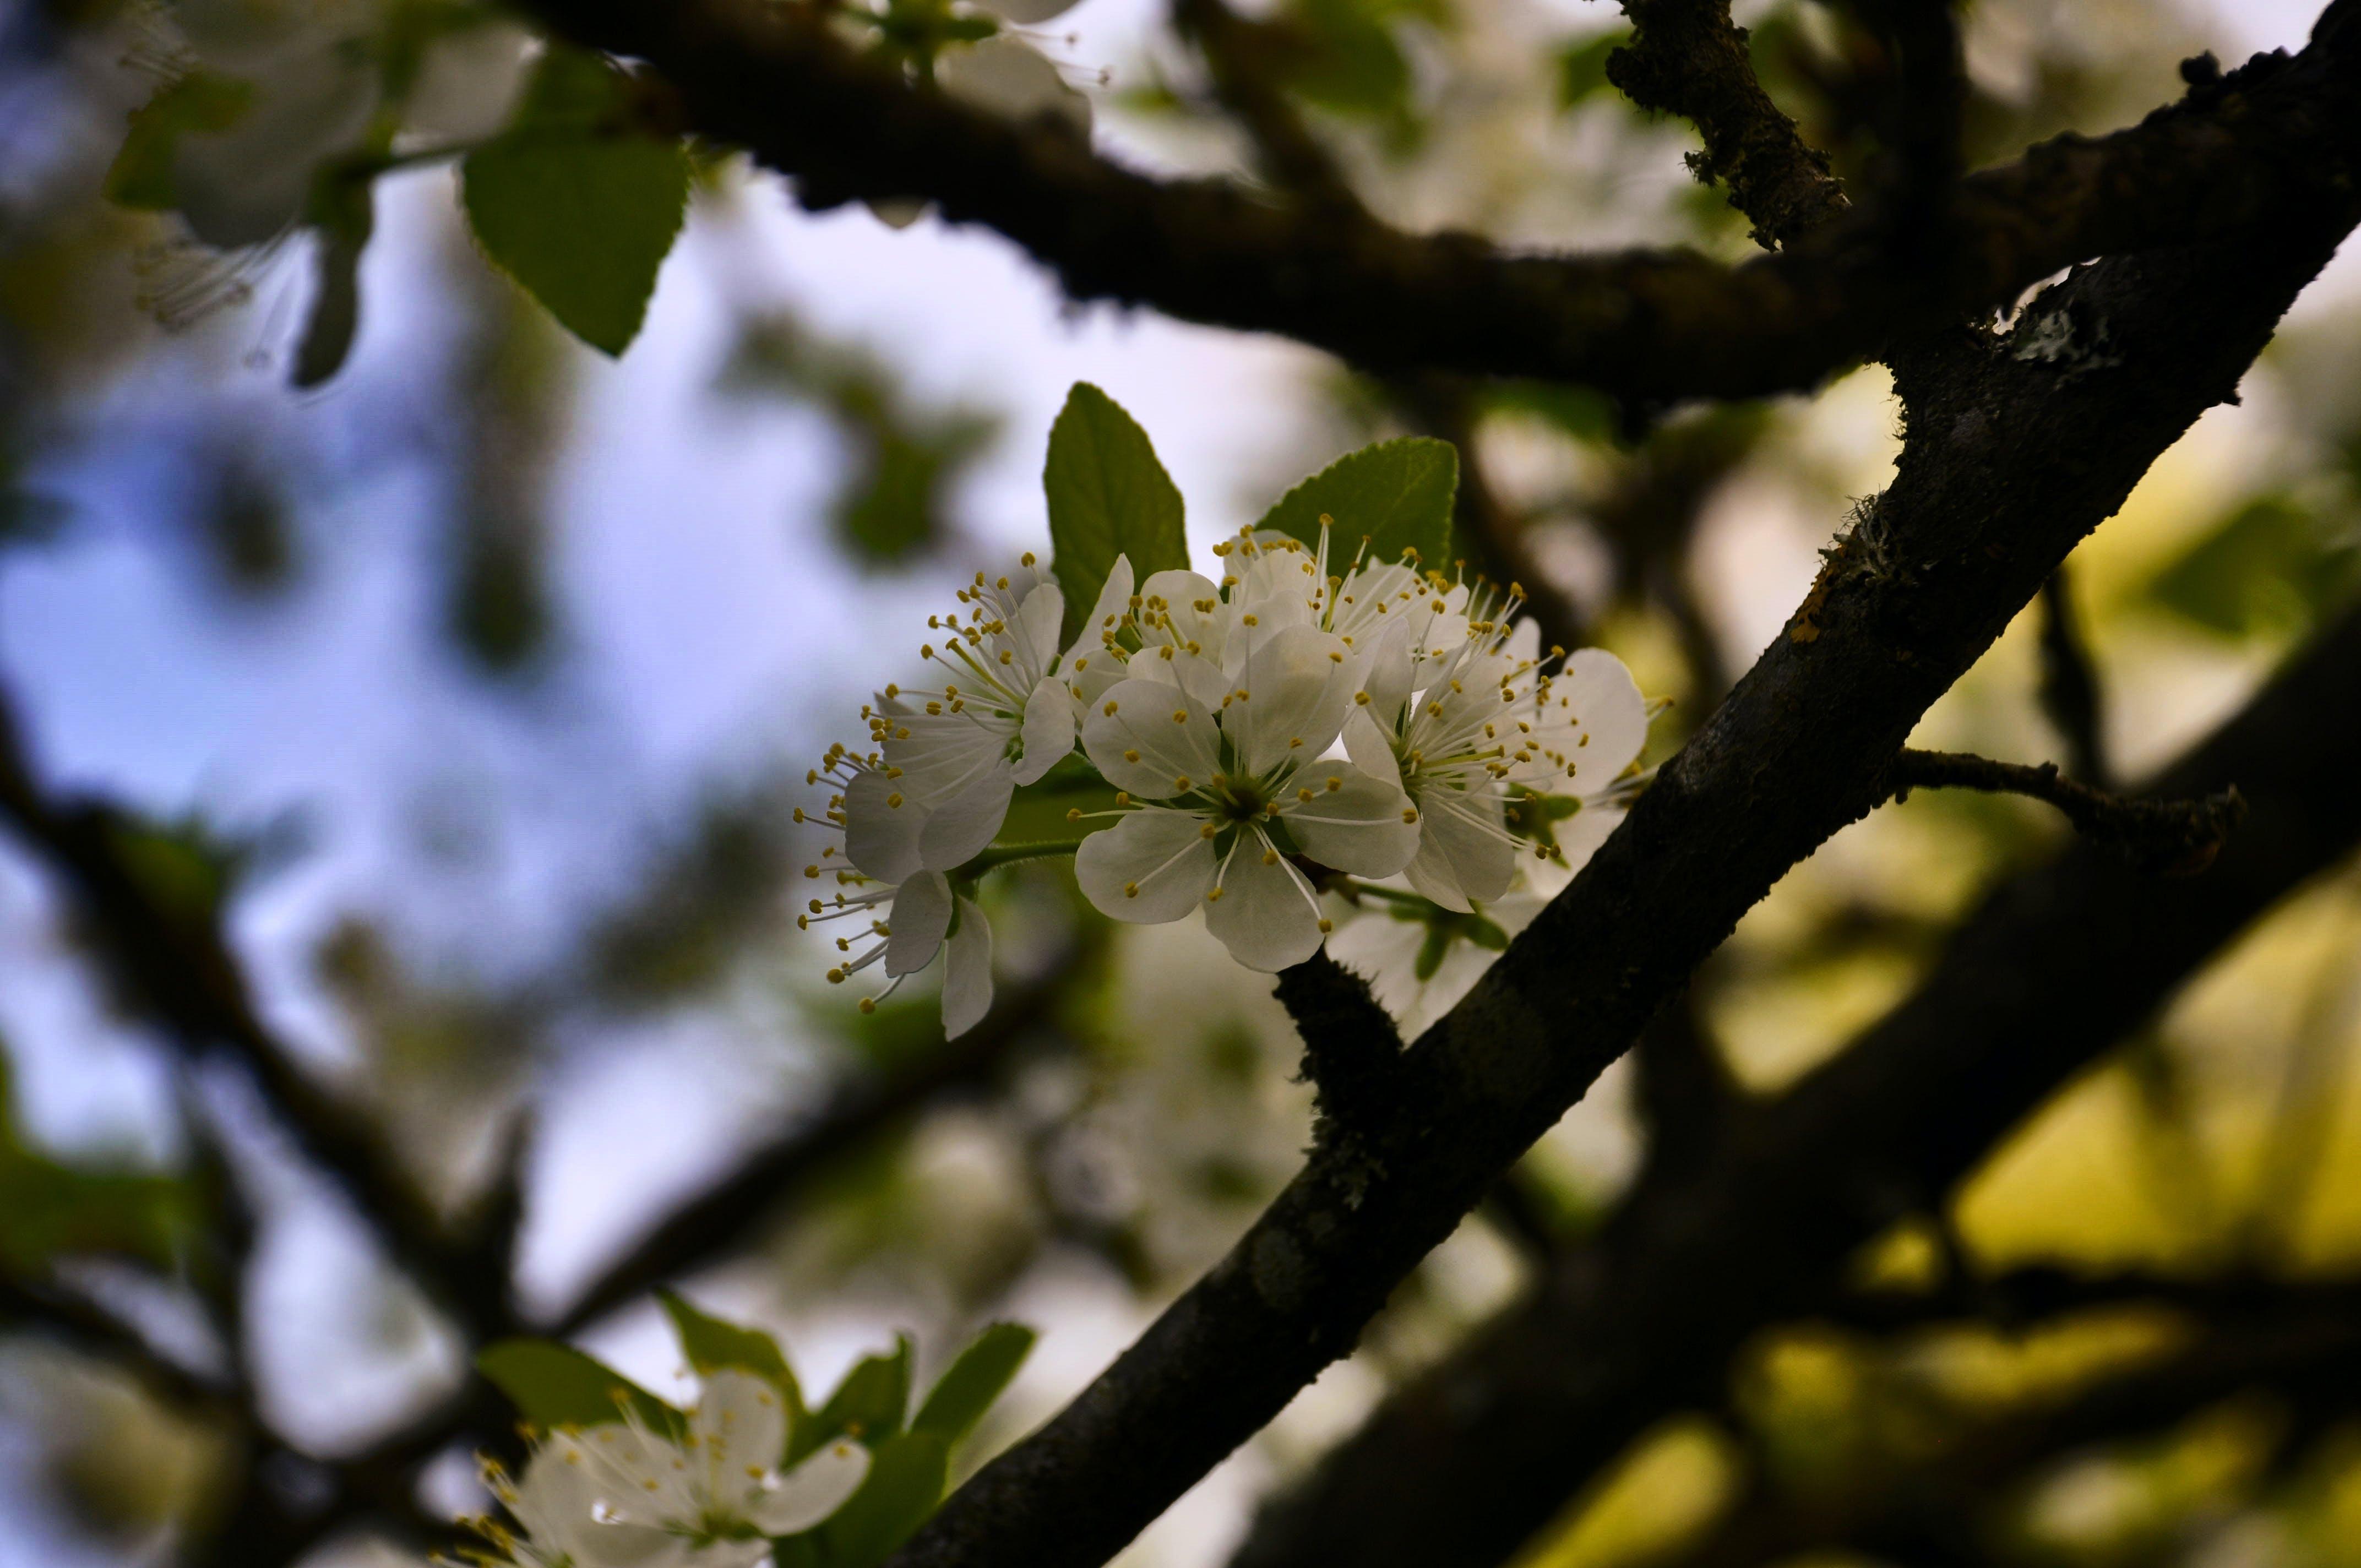 Fotos de stock gratuitas de arboles, naturaleza, Primeras flores